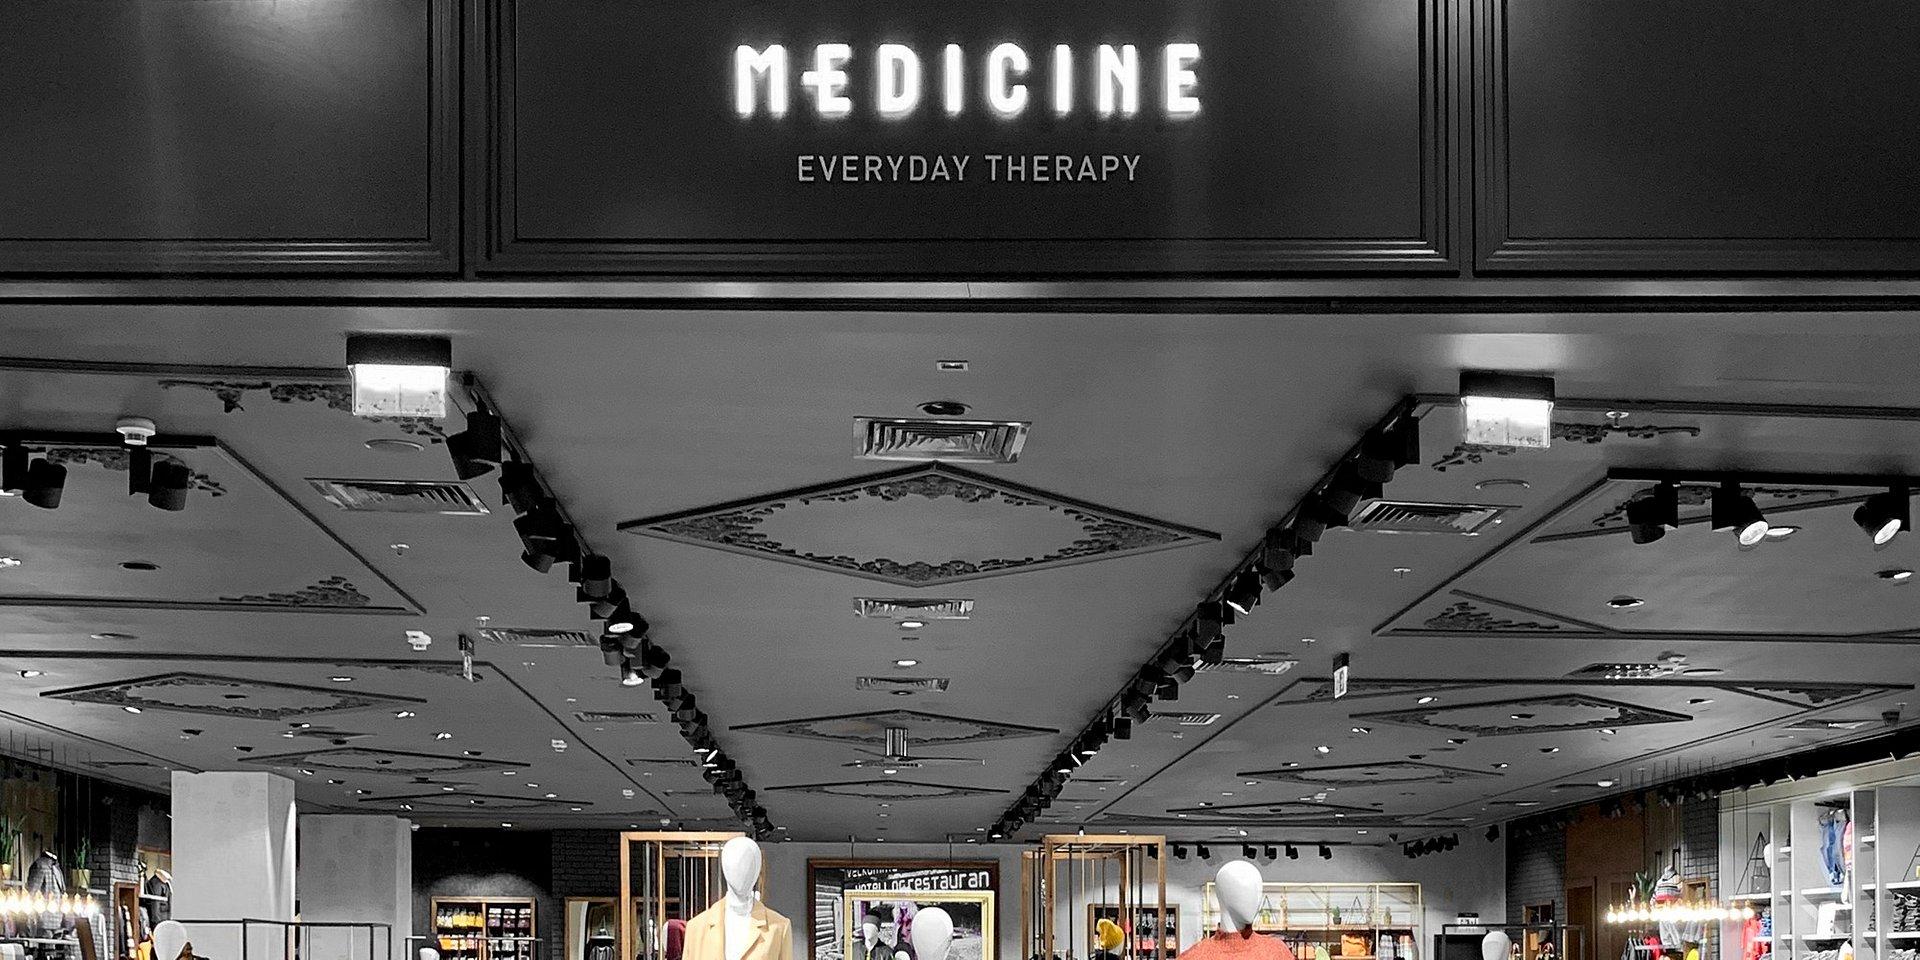 Avenida z największym w Polsce salonem Medicine